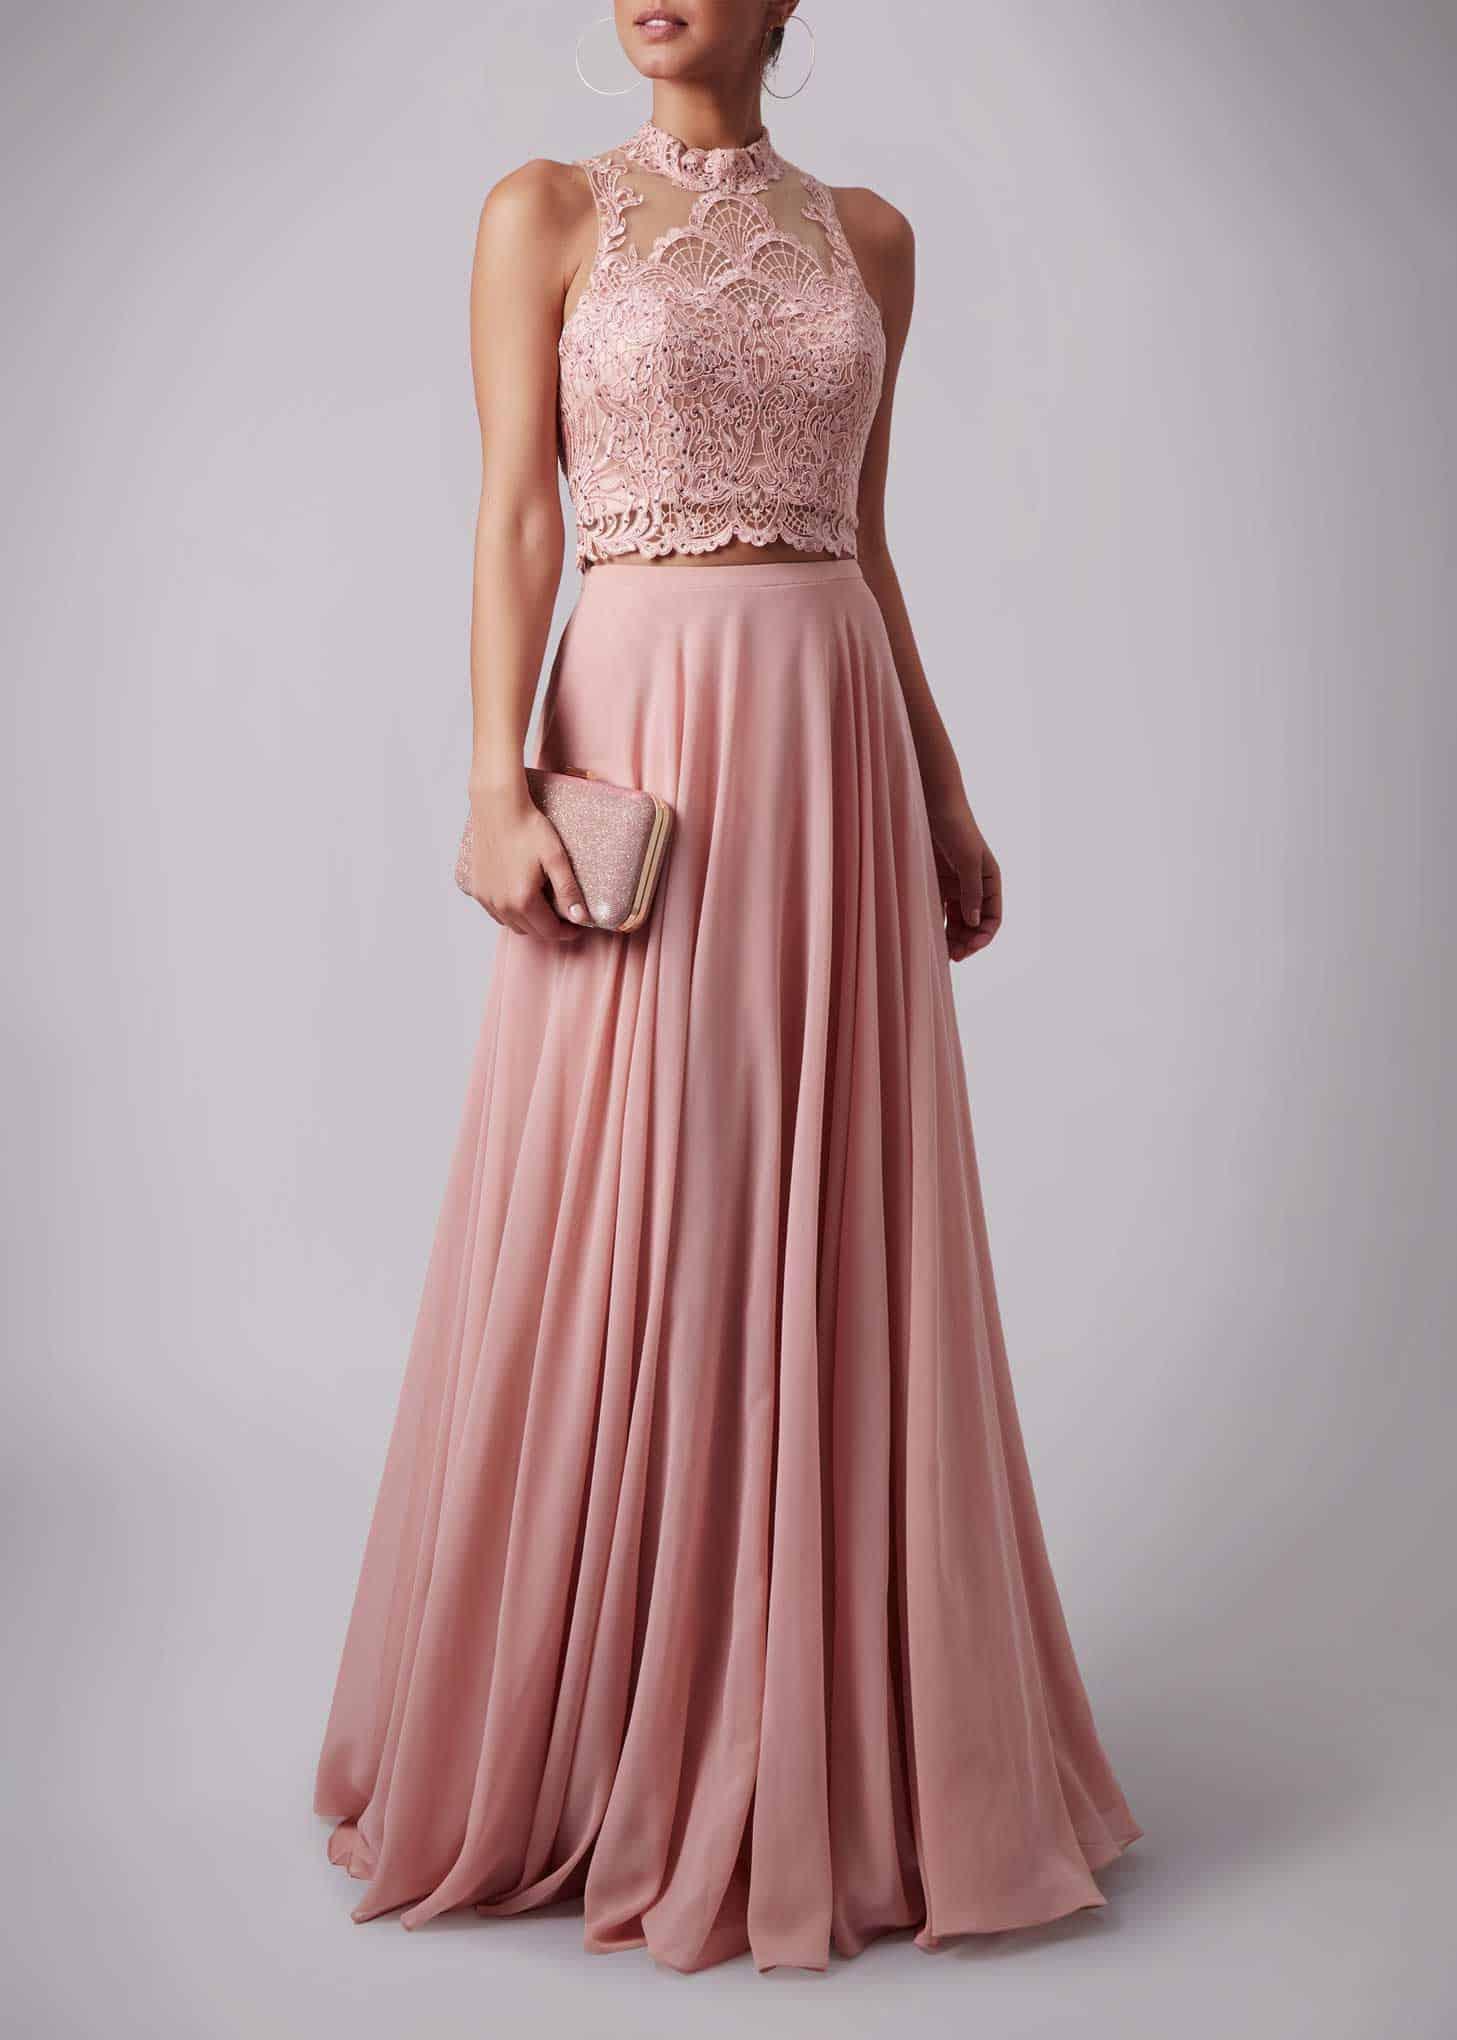 20 Großartig Zweiteiler Abend Kleid Vertrieb - Abendkleid